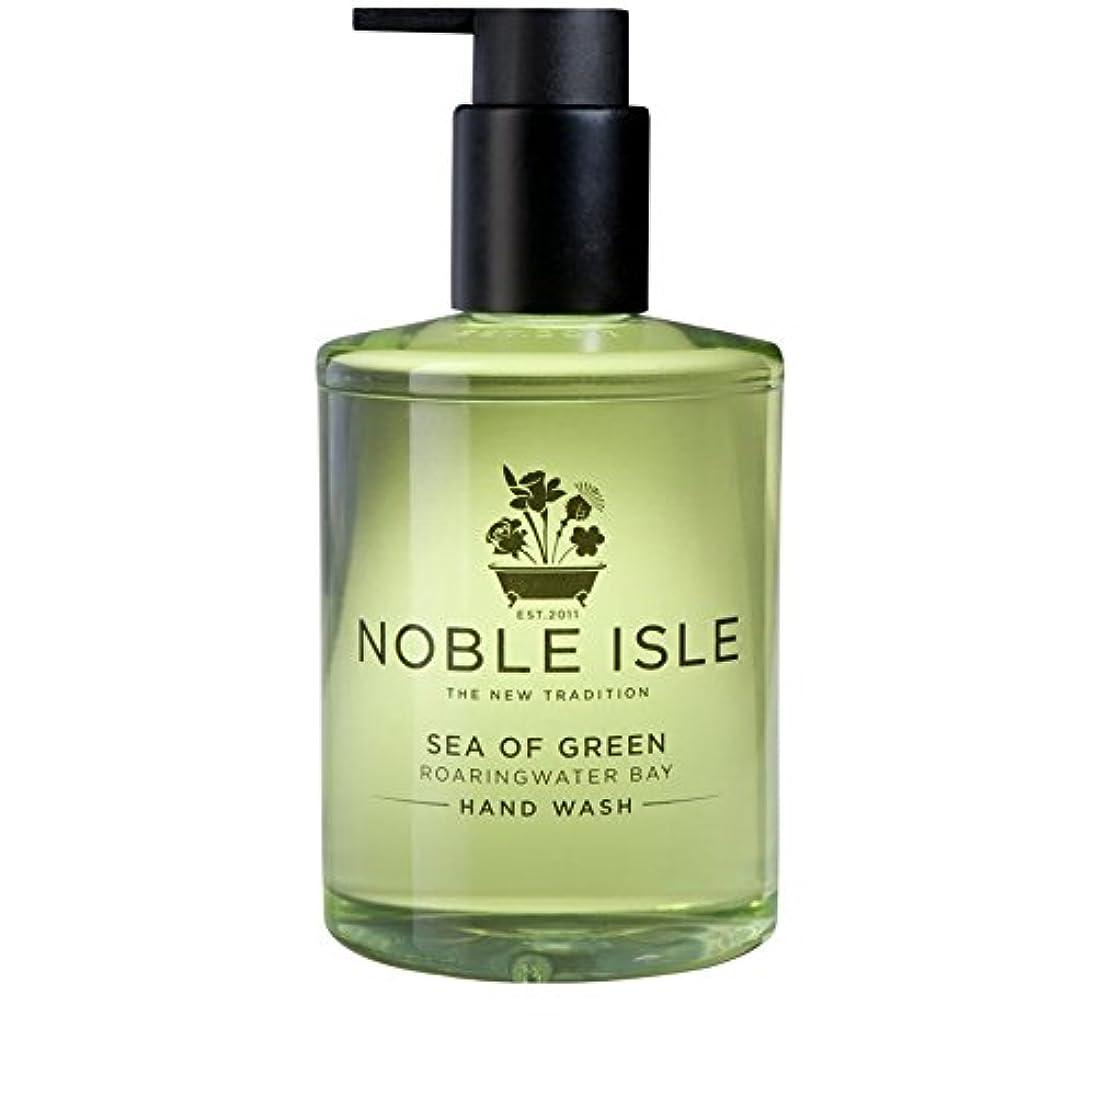 シャット戸惑うロッカーNoble Isle Sea of Green Roaringwater Bay Hand Wash 250ml - 緑ベイハンドウォッシュ250ミリリットルの高貴な島の海 [並行輸入品]